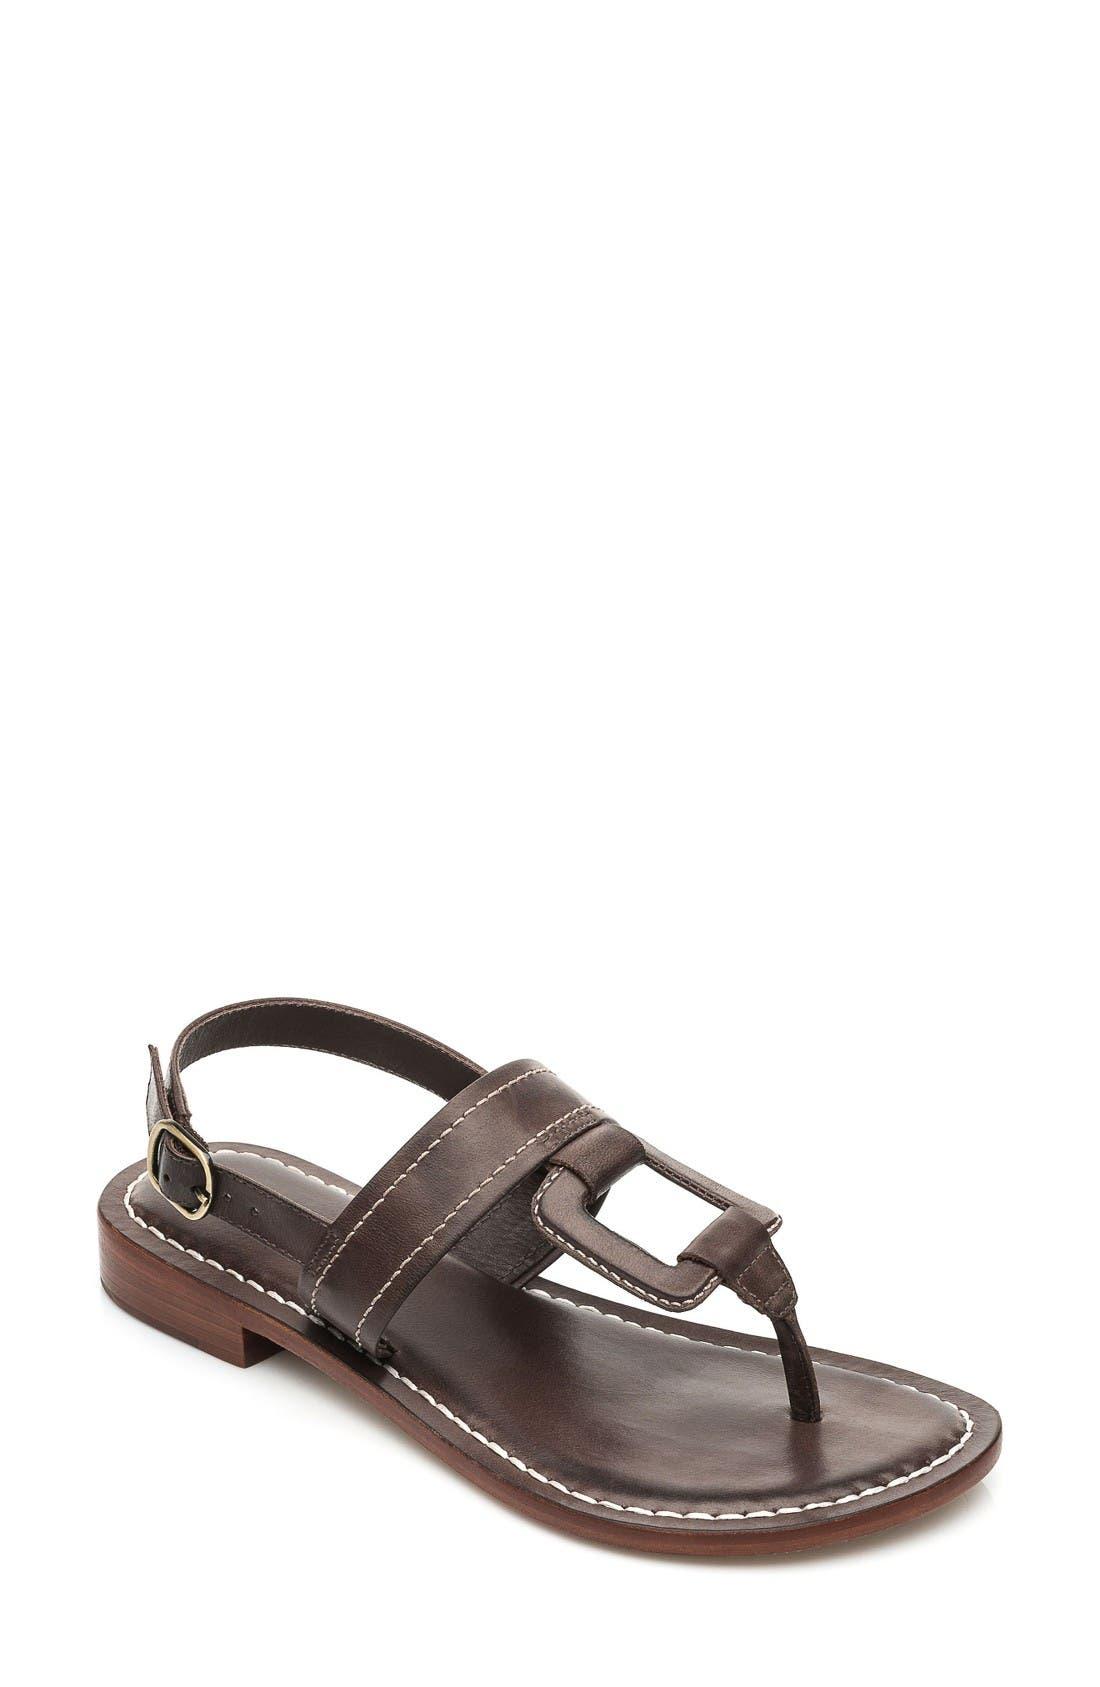 BERNARDO Tegan Sandal